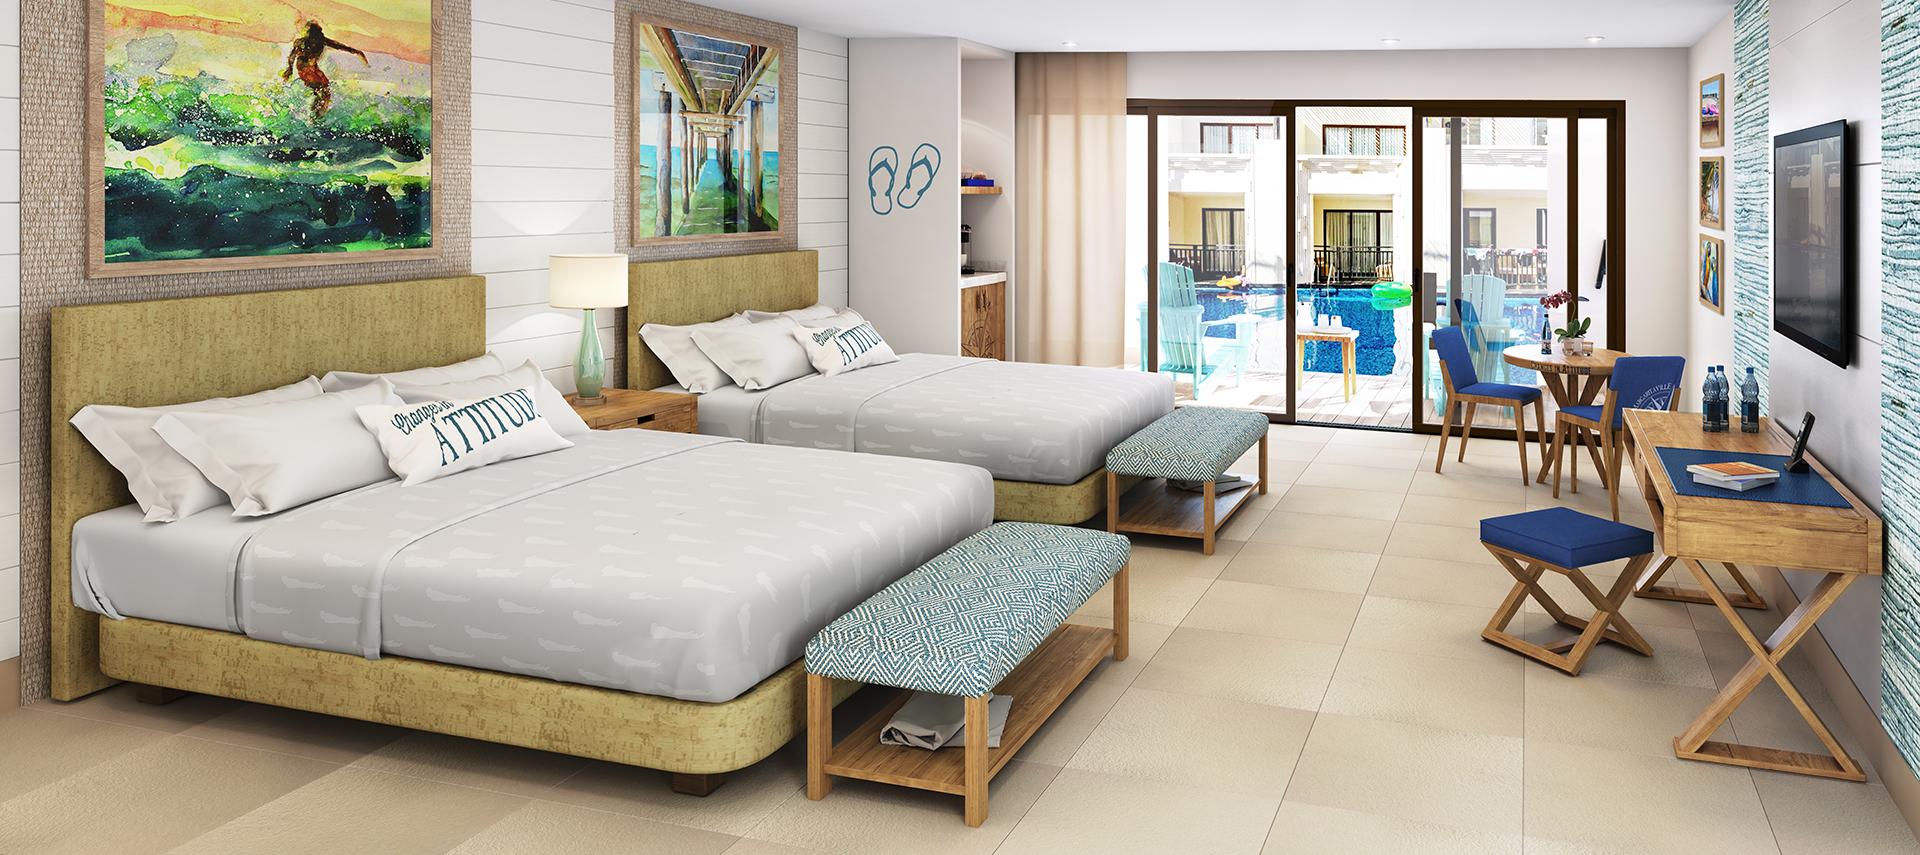 Photo of the Swim Up Paradise Junior Suite